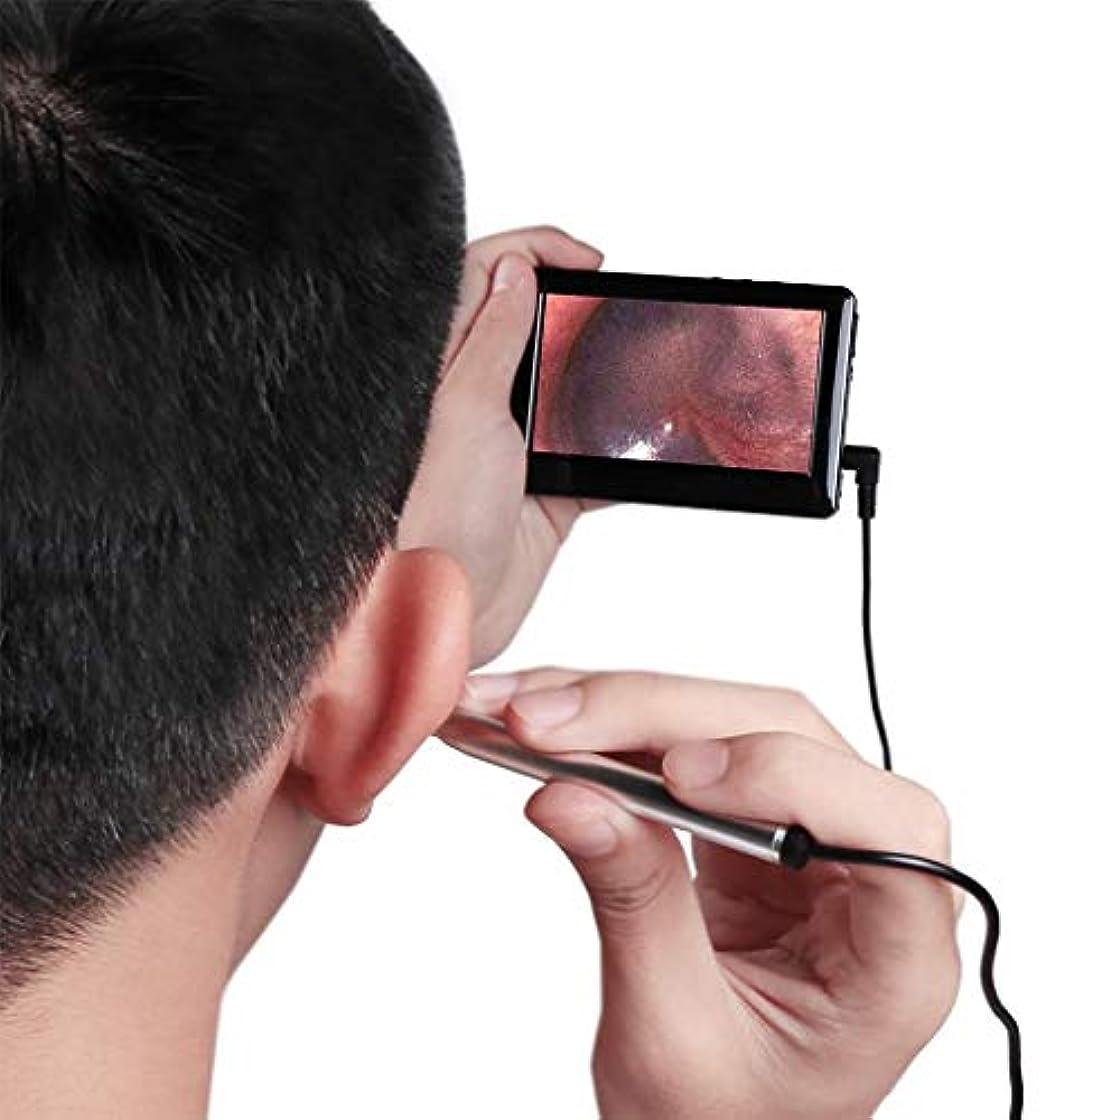 膨らませるクラスライム耳の検査カメラUSB Otoscope(4.3インチディスプレイ付き)耳用スコープ(6 LED耳クリーニング内視鏡プラグアンドプレイ付き)